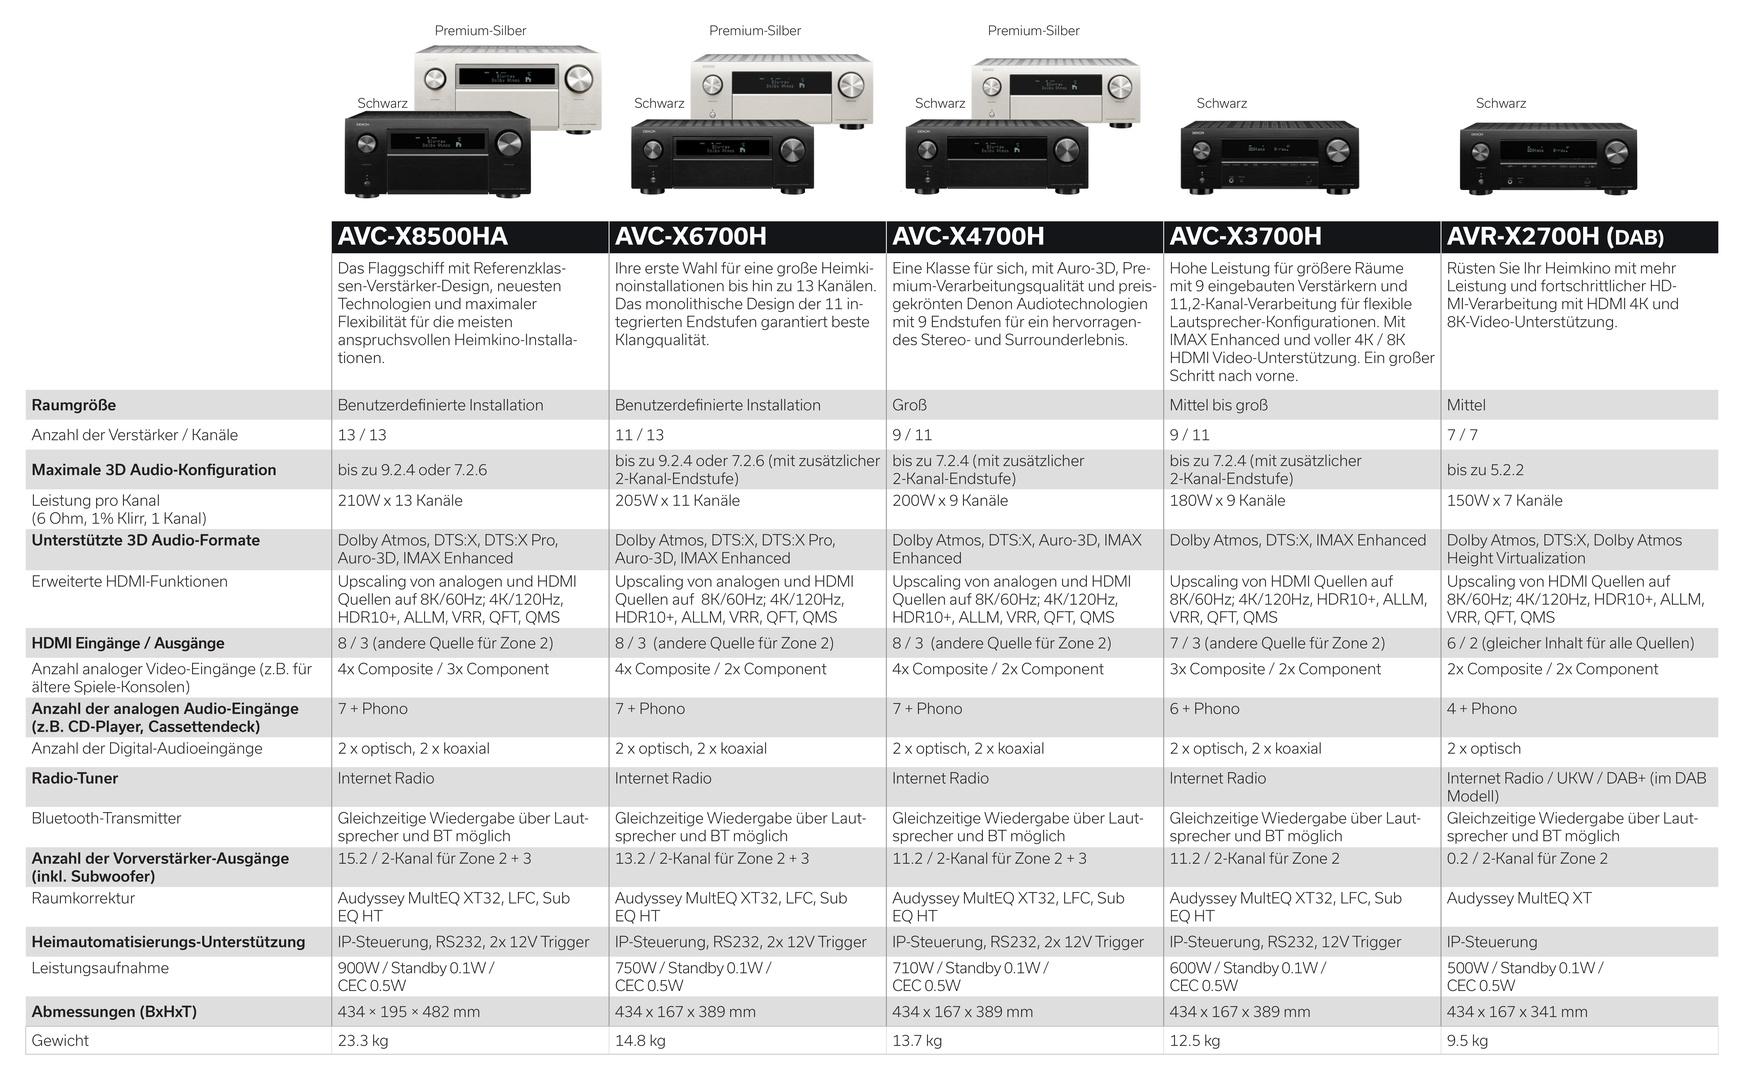 Features des aktuellen AV-Receiver-Portfolios von Denon